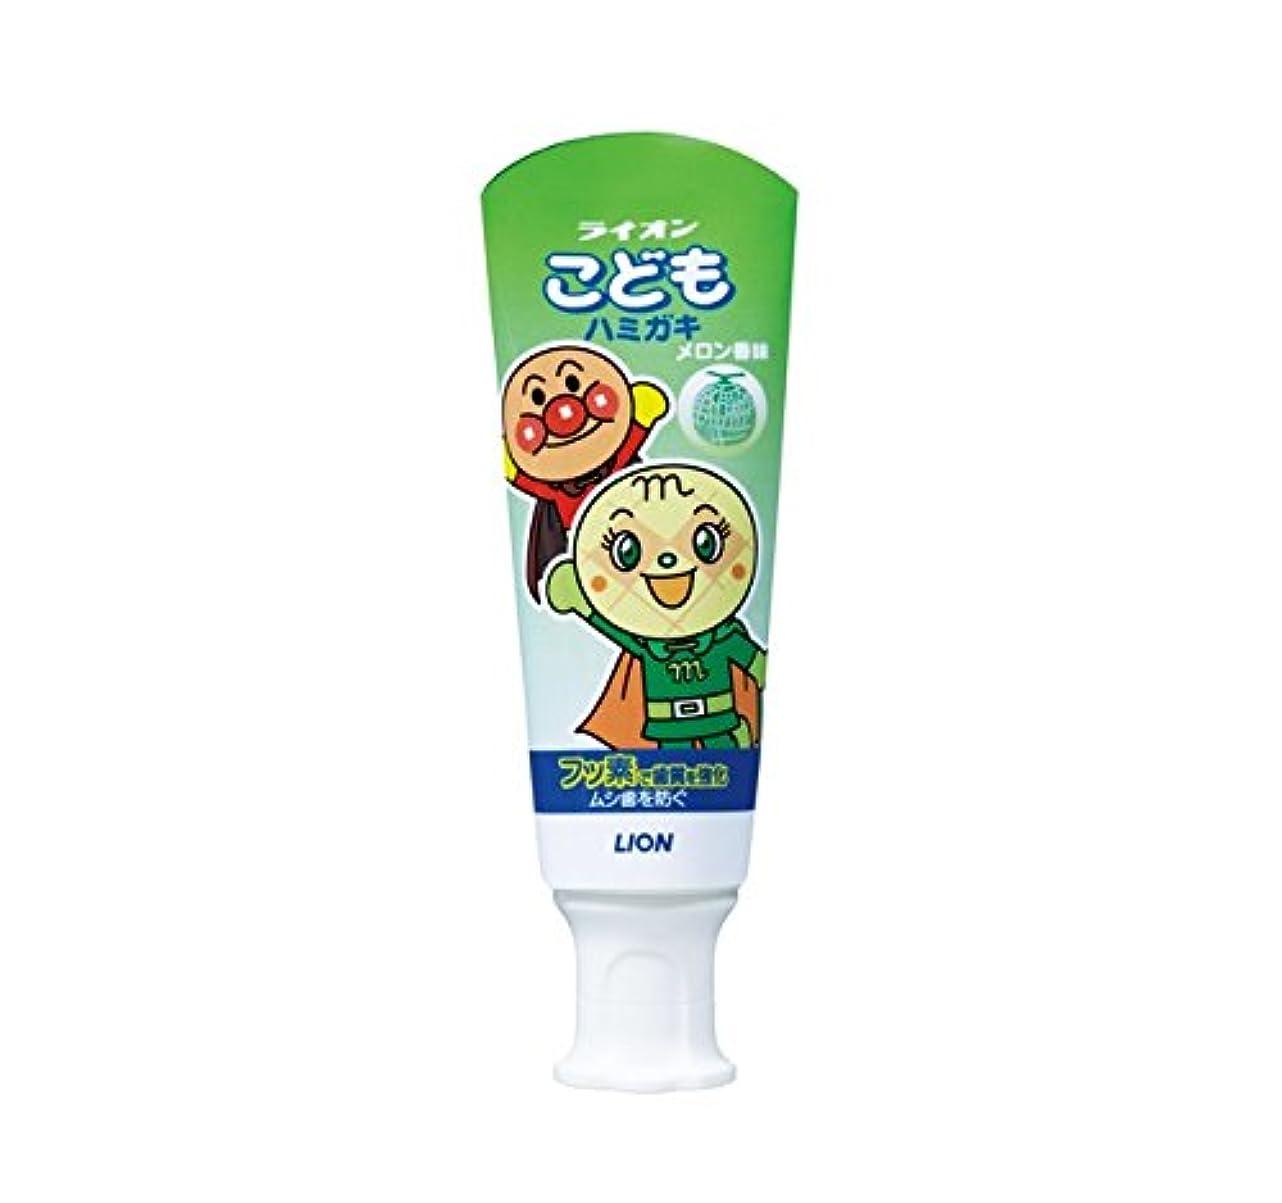 突然の明らかにする目立つこどもハミガキ アンパンマン メロン香味 40g (医薬部外品)